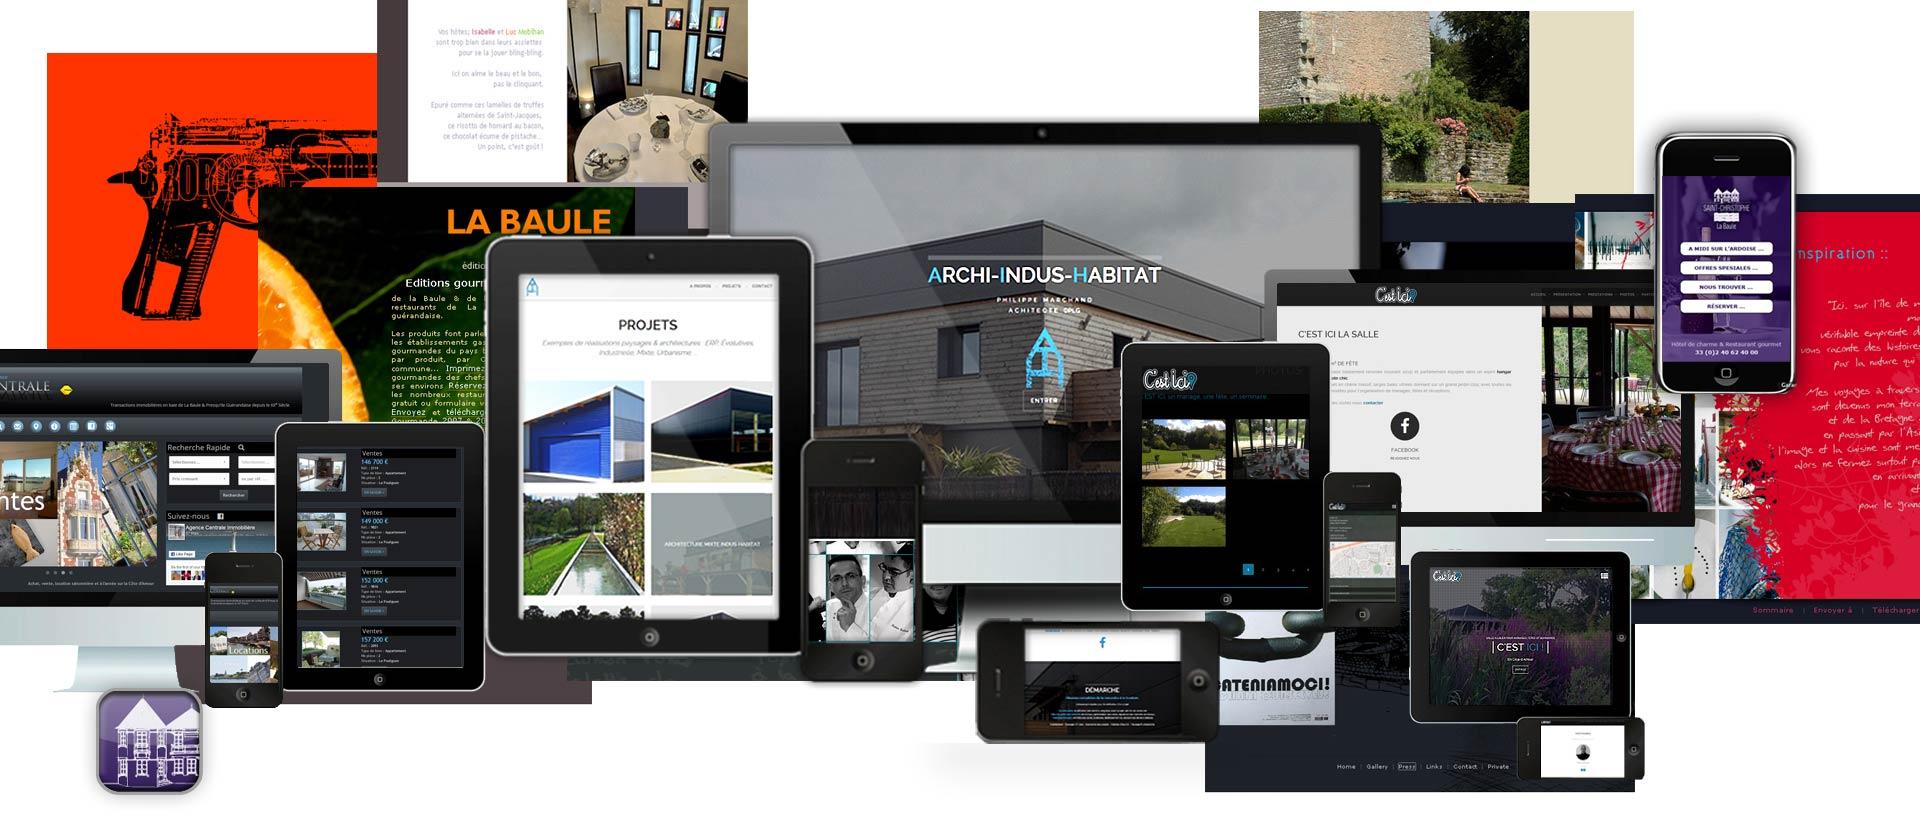 Audit, création et refonte sites Internet, plateformes CMS, eshops, événements, vitrines, webspots ...